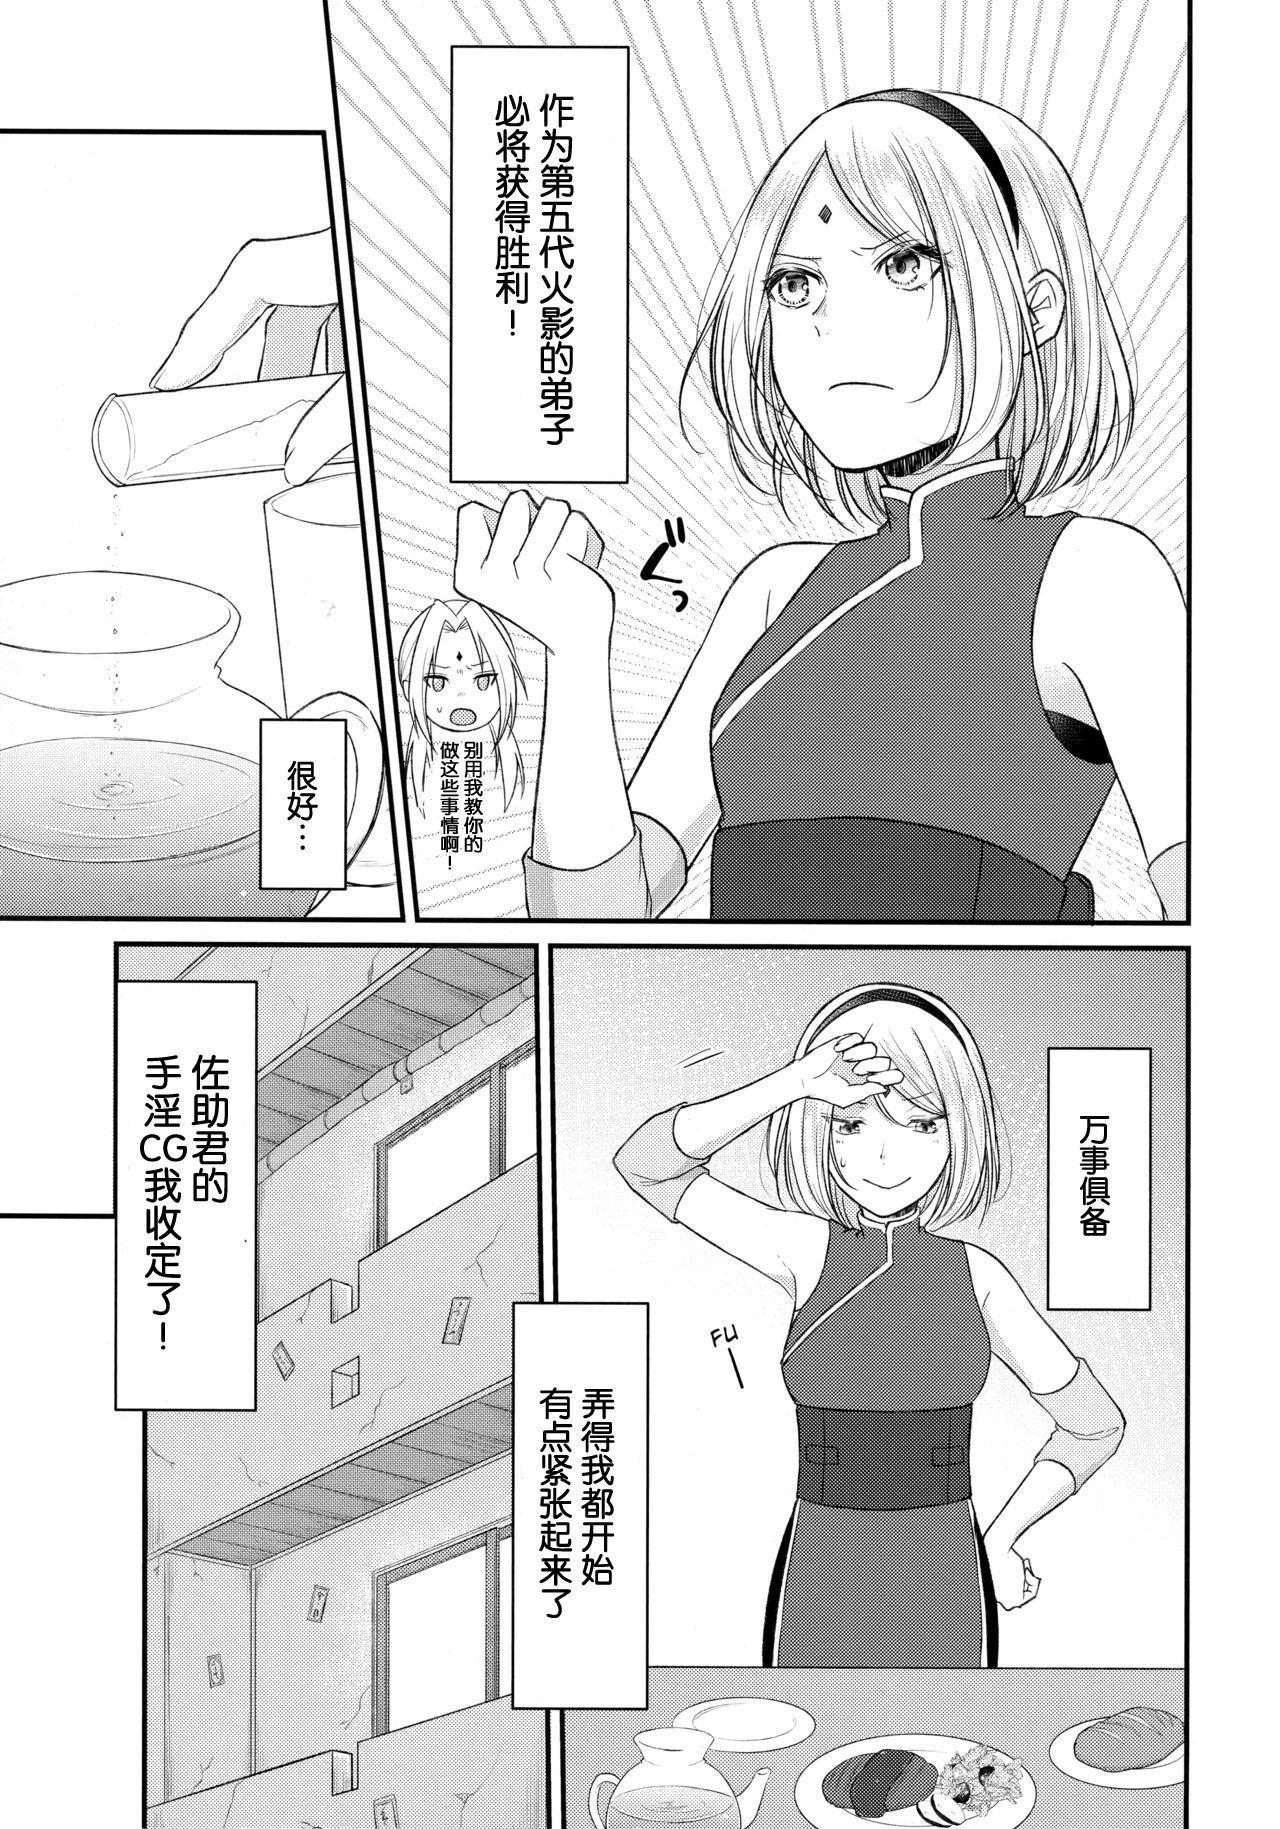 Koukishin wa Neko o Korosu 6